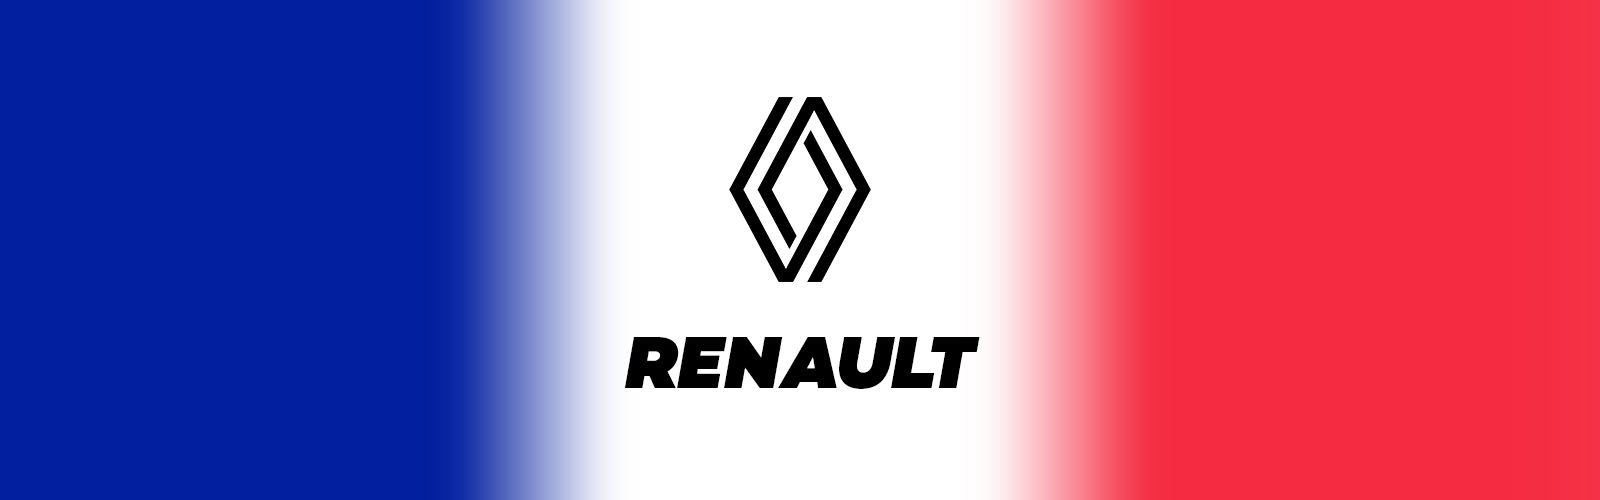 renault logo marque